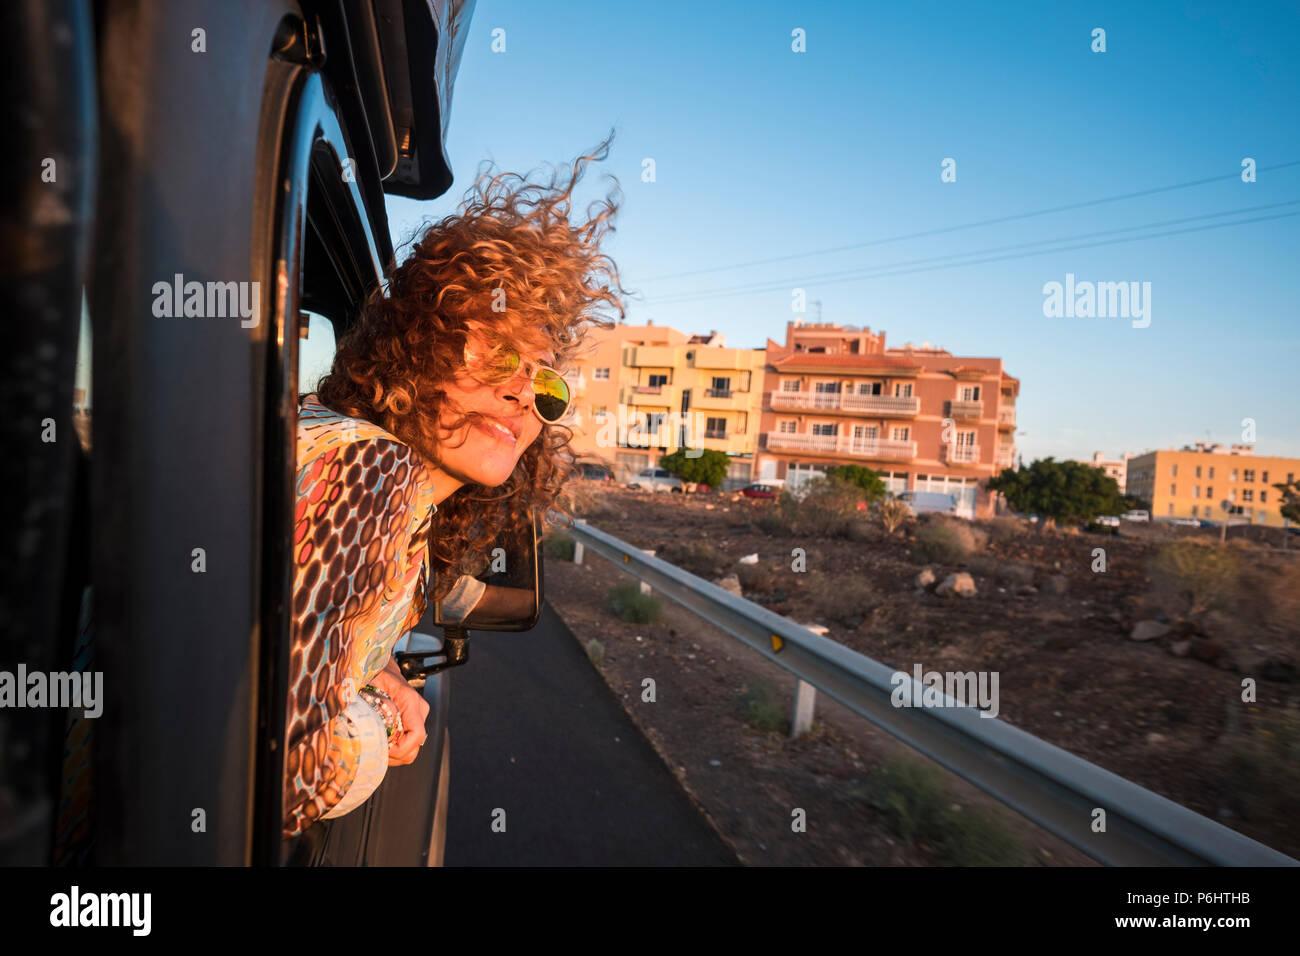 Belle Dame caucasian avec beau sourire voyages dans une voiture noire à la recherche du soleil de coucher du soleil et profiter de la saison chaude. L'heure d'été pour le modèle voyager wi Photo Stock